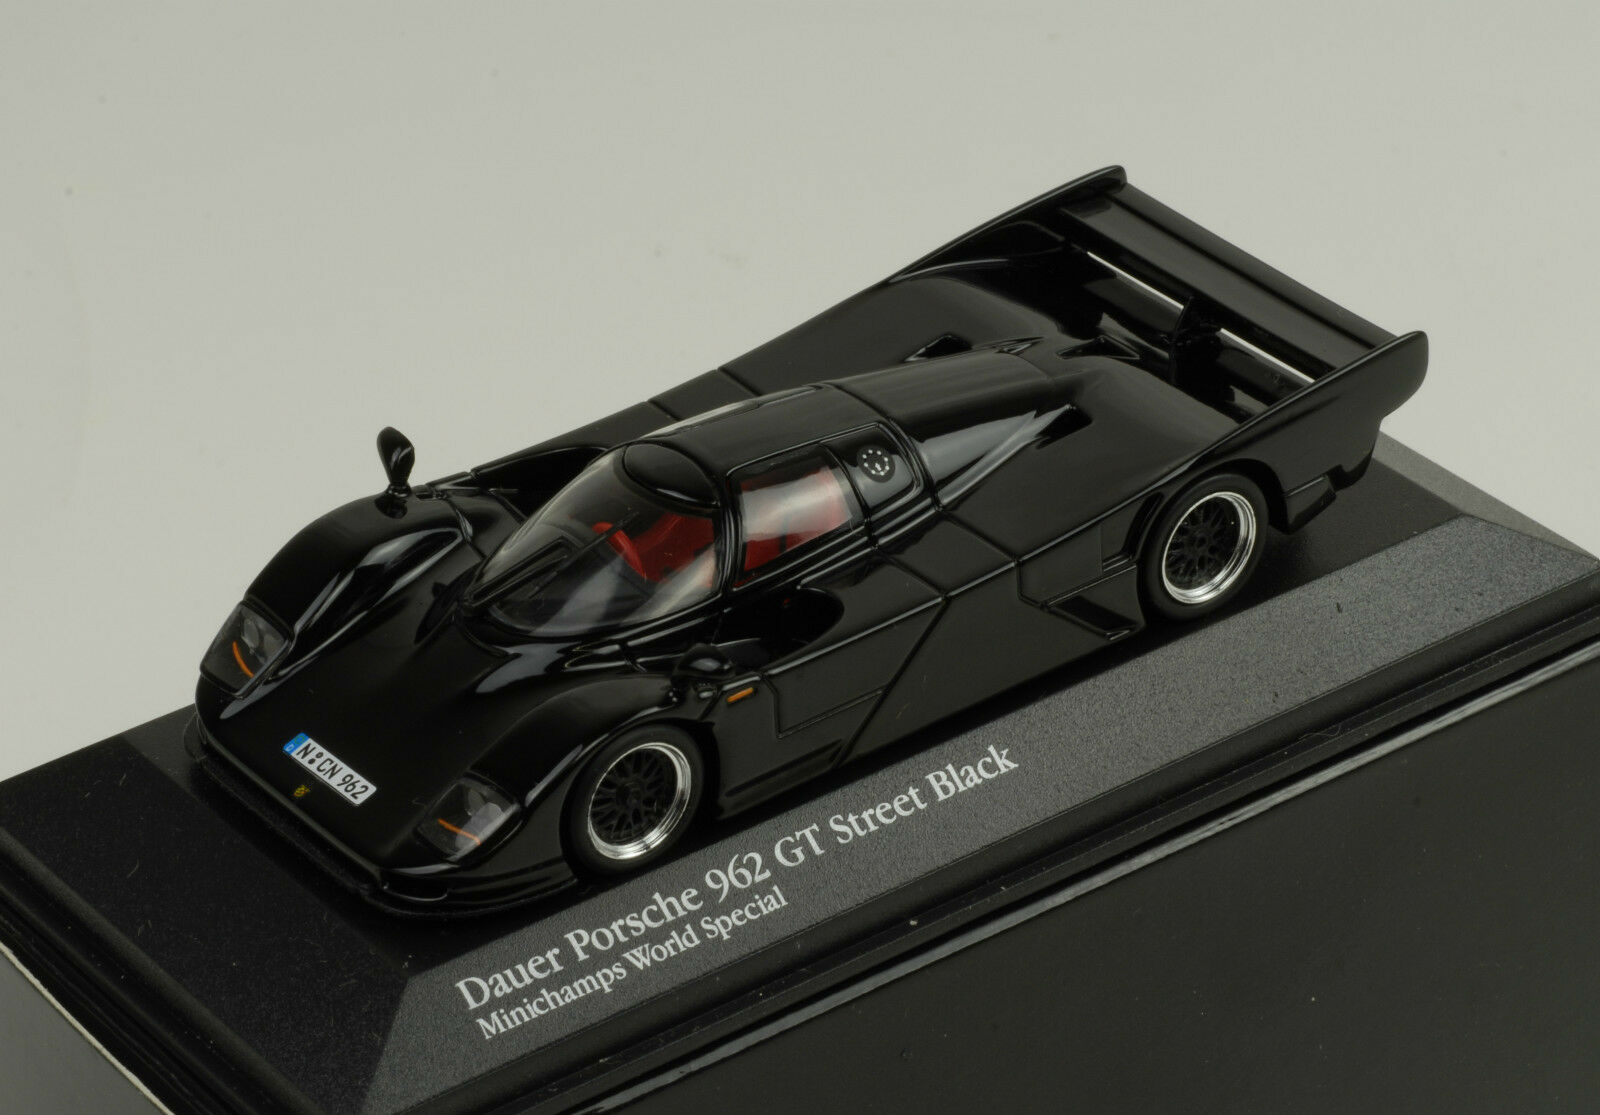 centro comercial de moda Porsche 962 Gt Street Negro Negro Negro Mundo Special 1 43 Minichamps  alta calidad